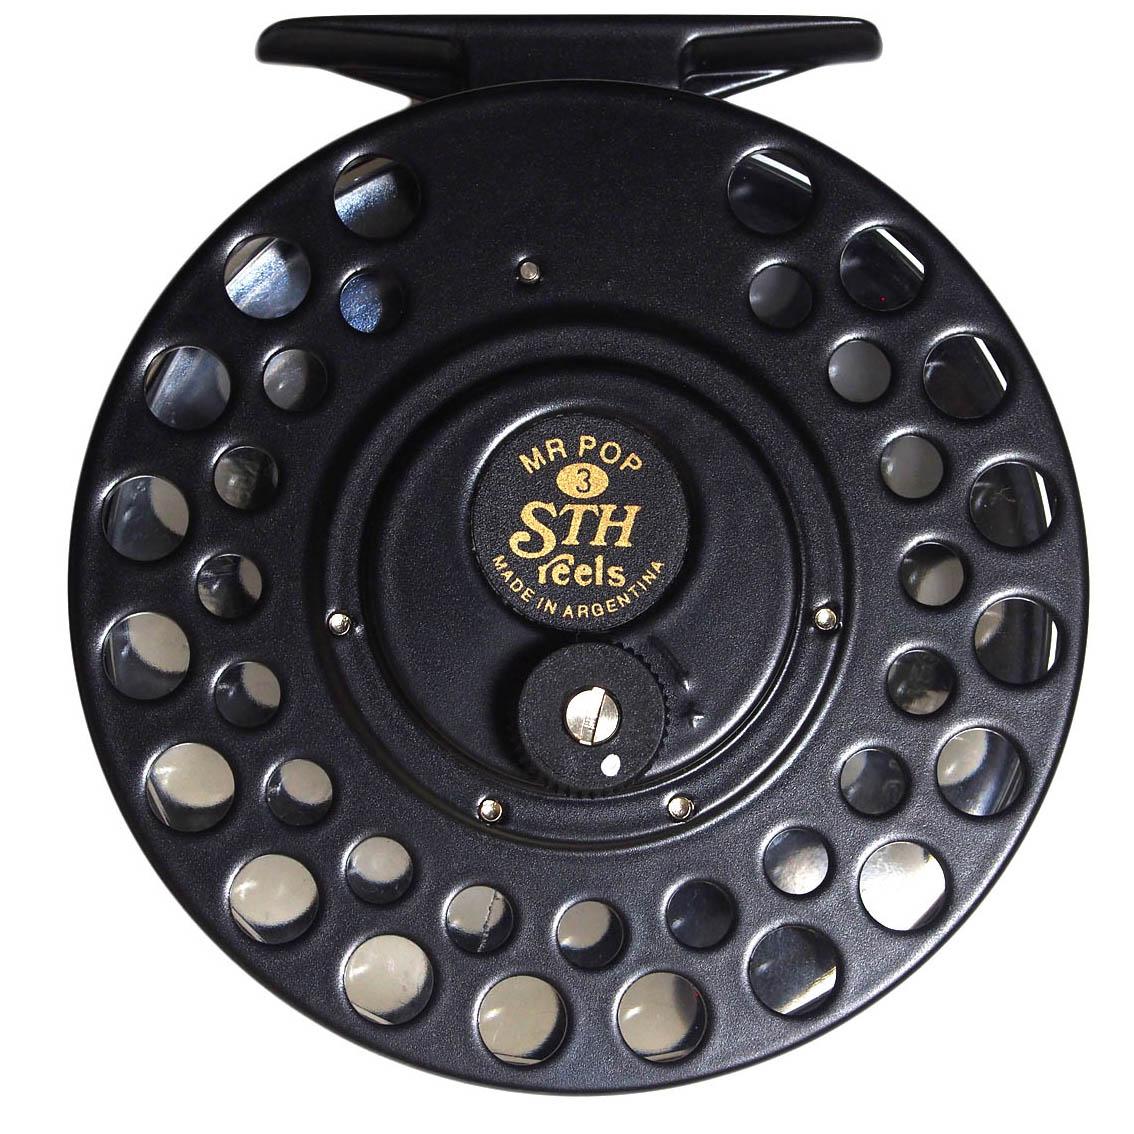 Carretilha STH MR POP 3 com Cassete Extra